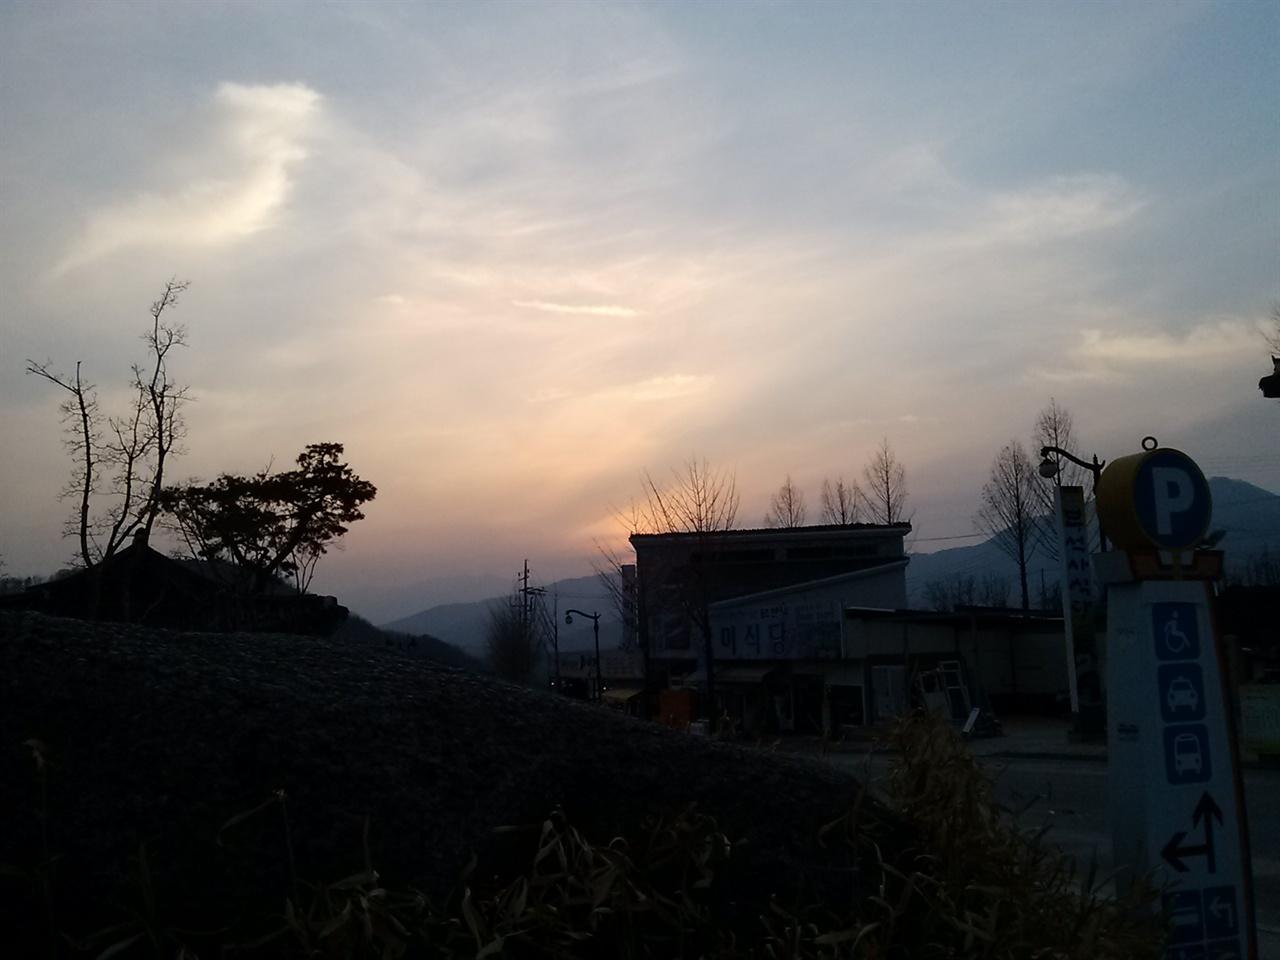 소백산 너머로 해가 지는 모습. 소백산의 낙조는 특히 부석사가 아름답기로 소문이 나 있다.